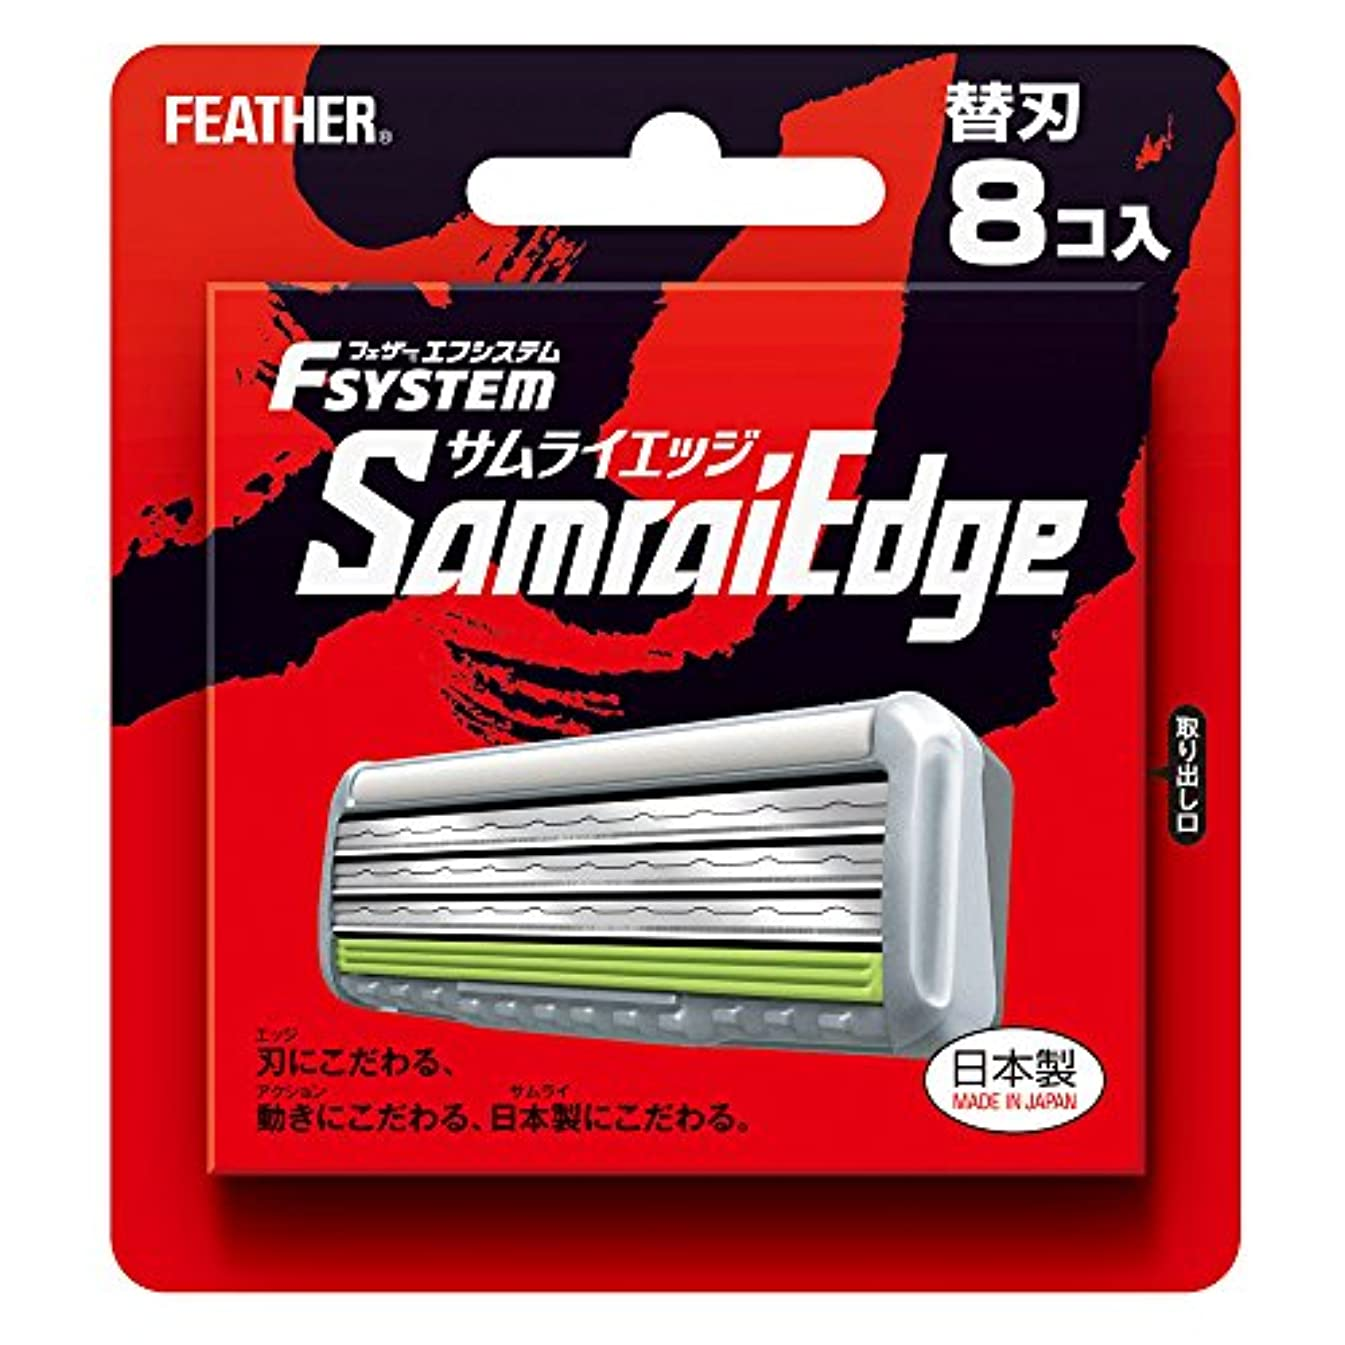 化粧ポーズ合理的フェザー エフシステム 替刃 サムライエッジ 8コ入 (日本製)